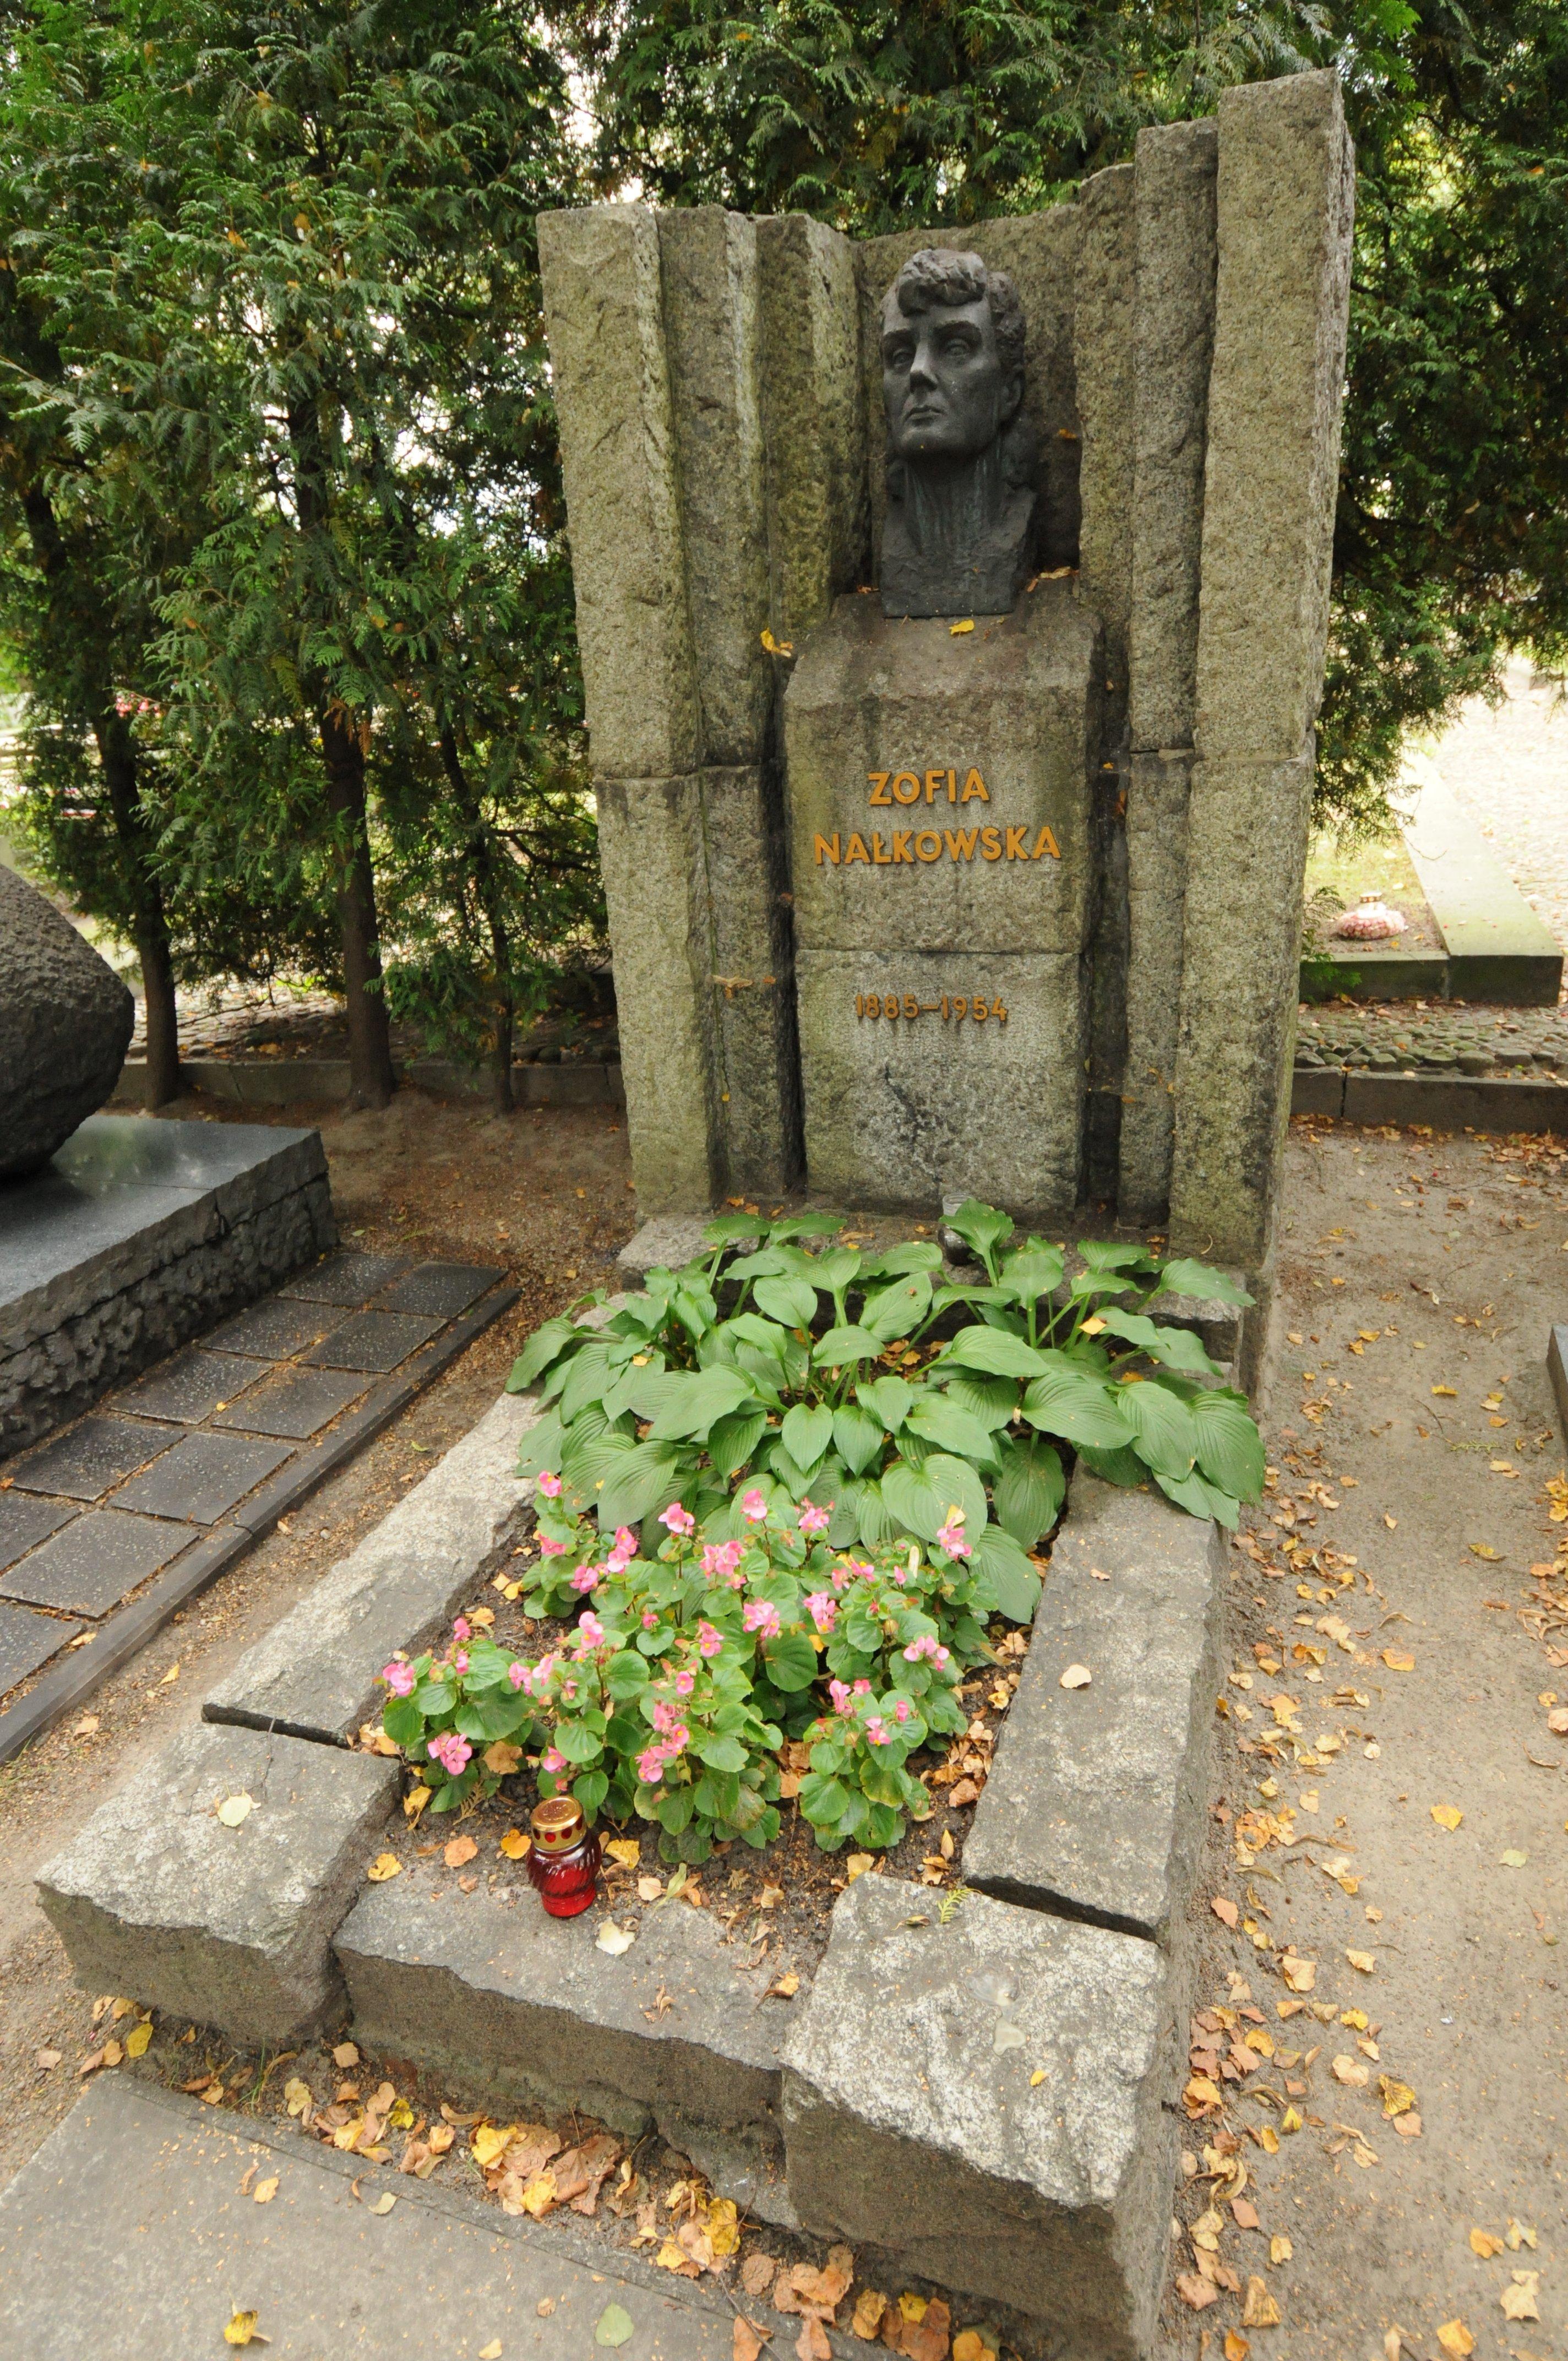 https://upload.wikimedia.org/wikipedia/commons/1/13/Zofia_Nałkowska_grób.JPG